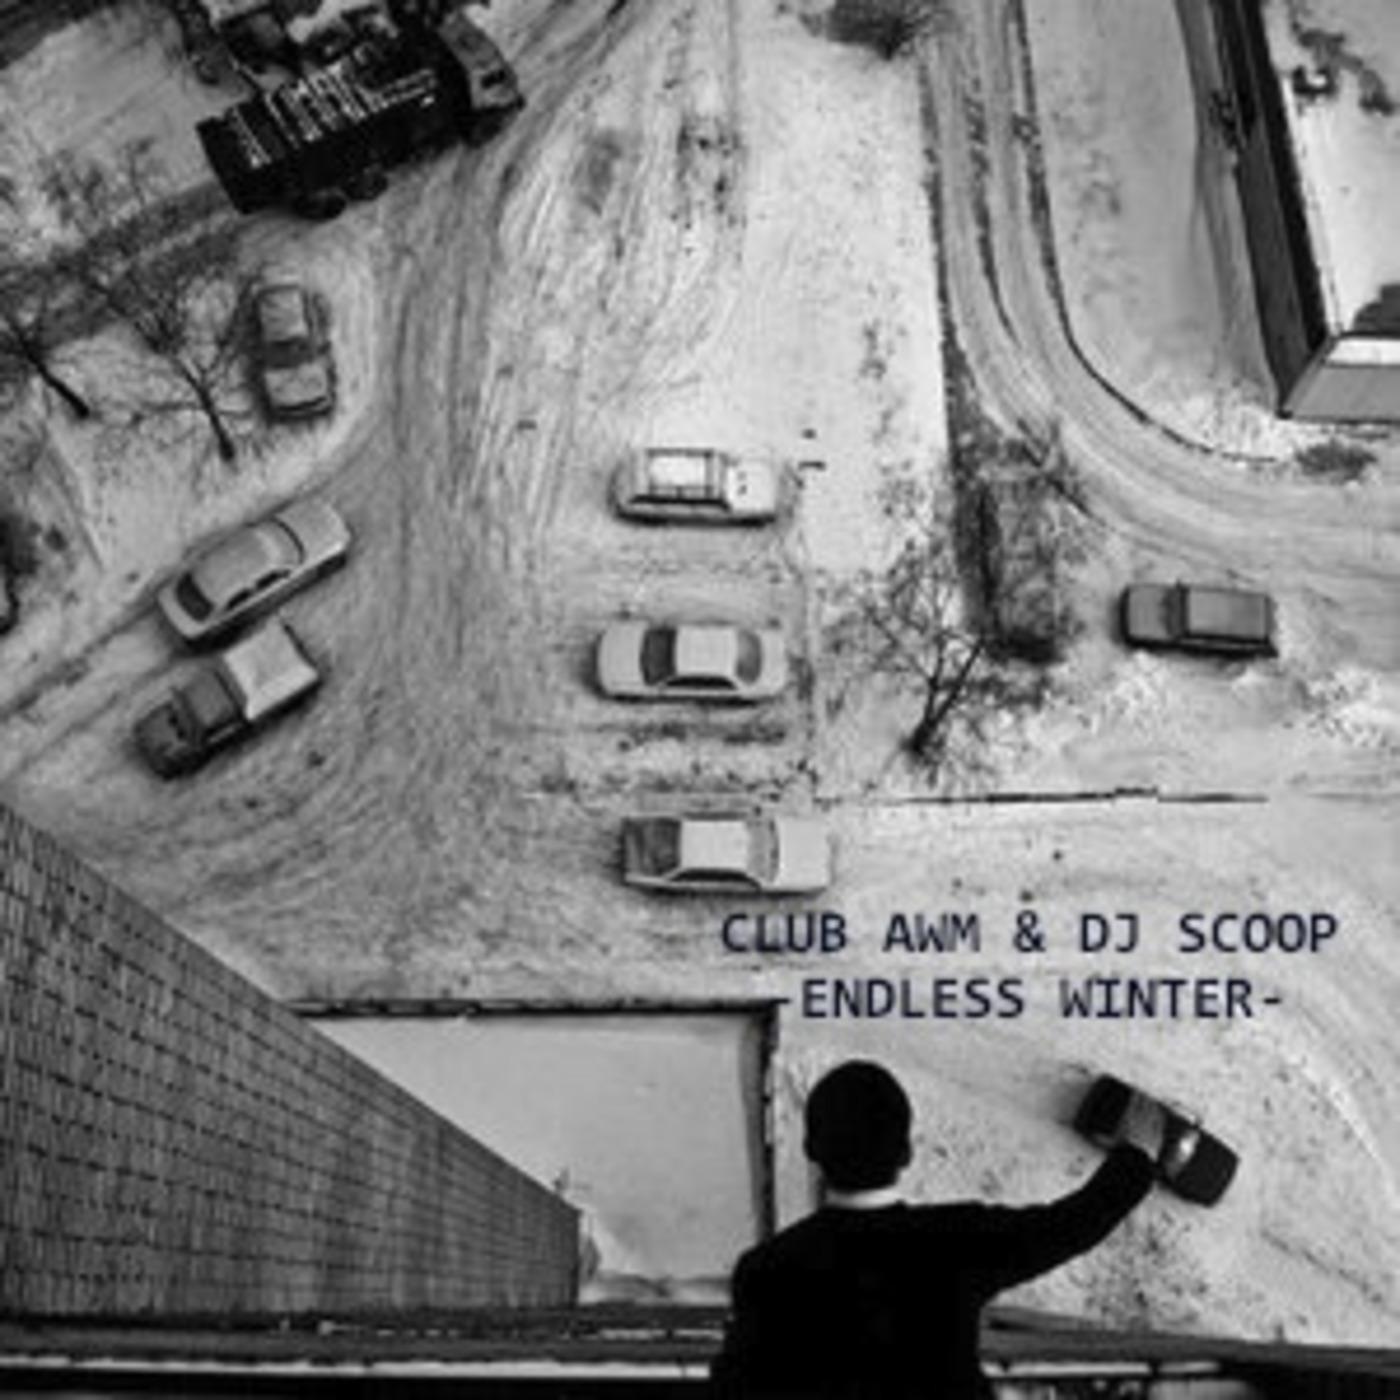 DJ Scoop's Radio Podcast